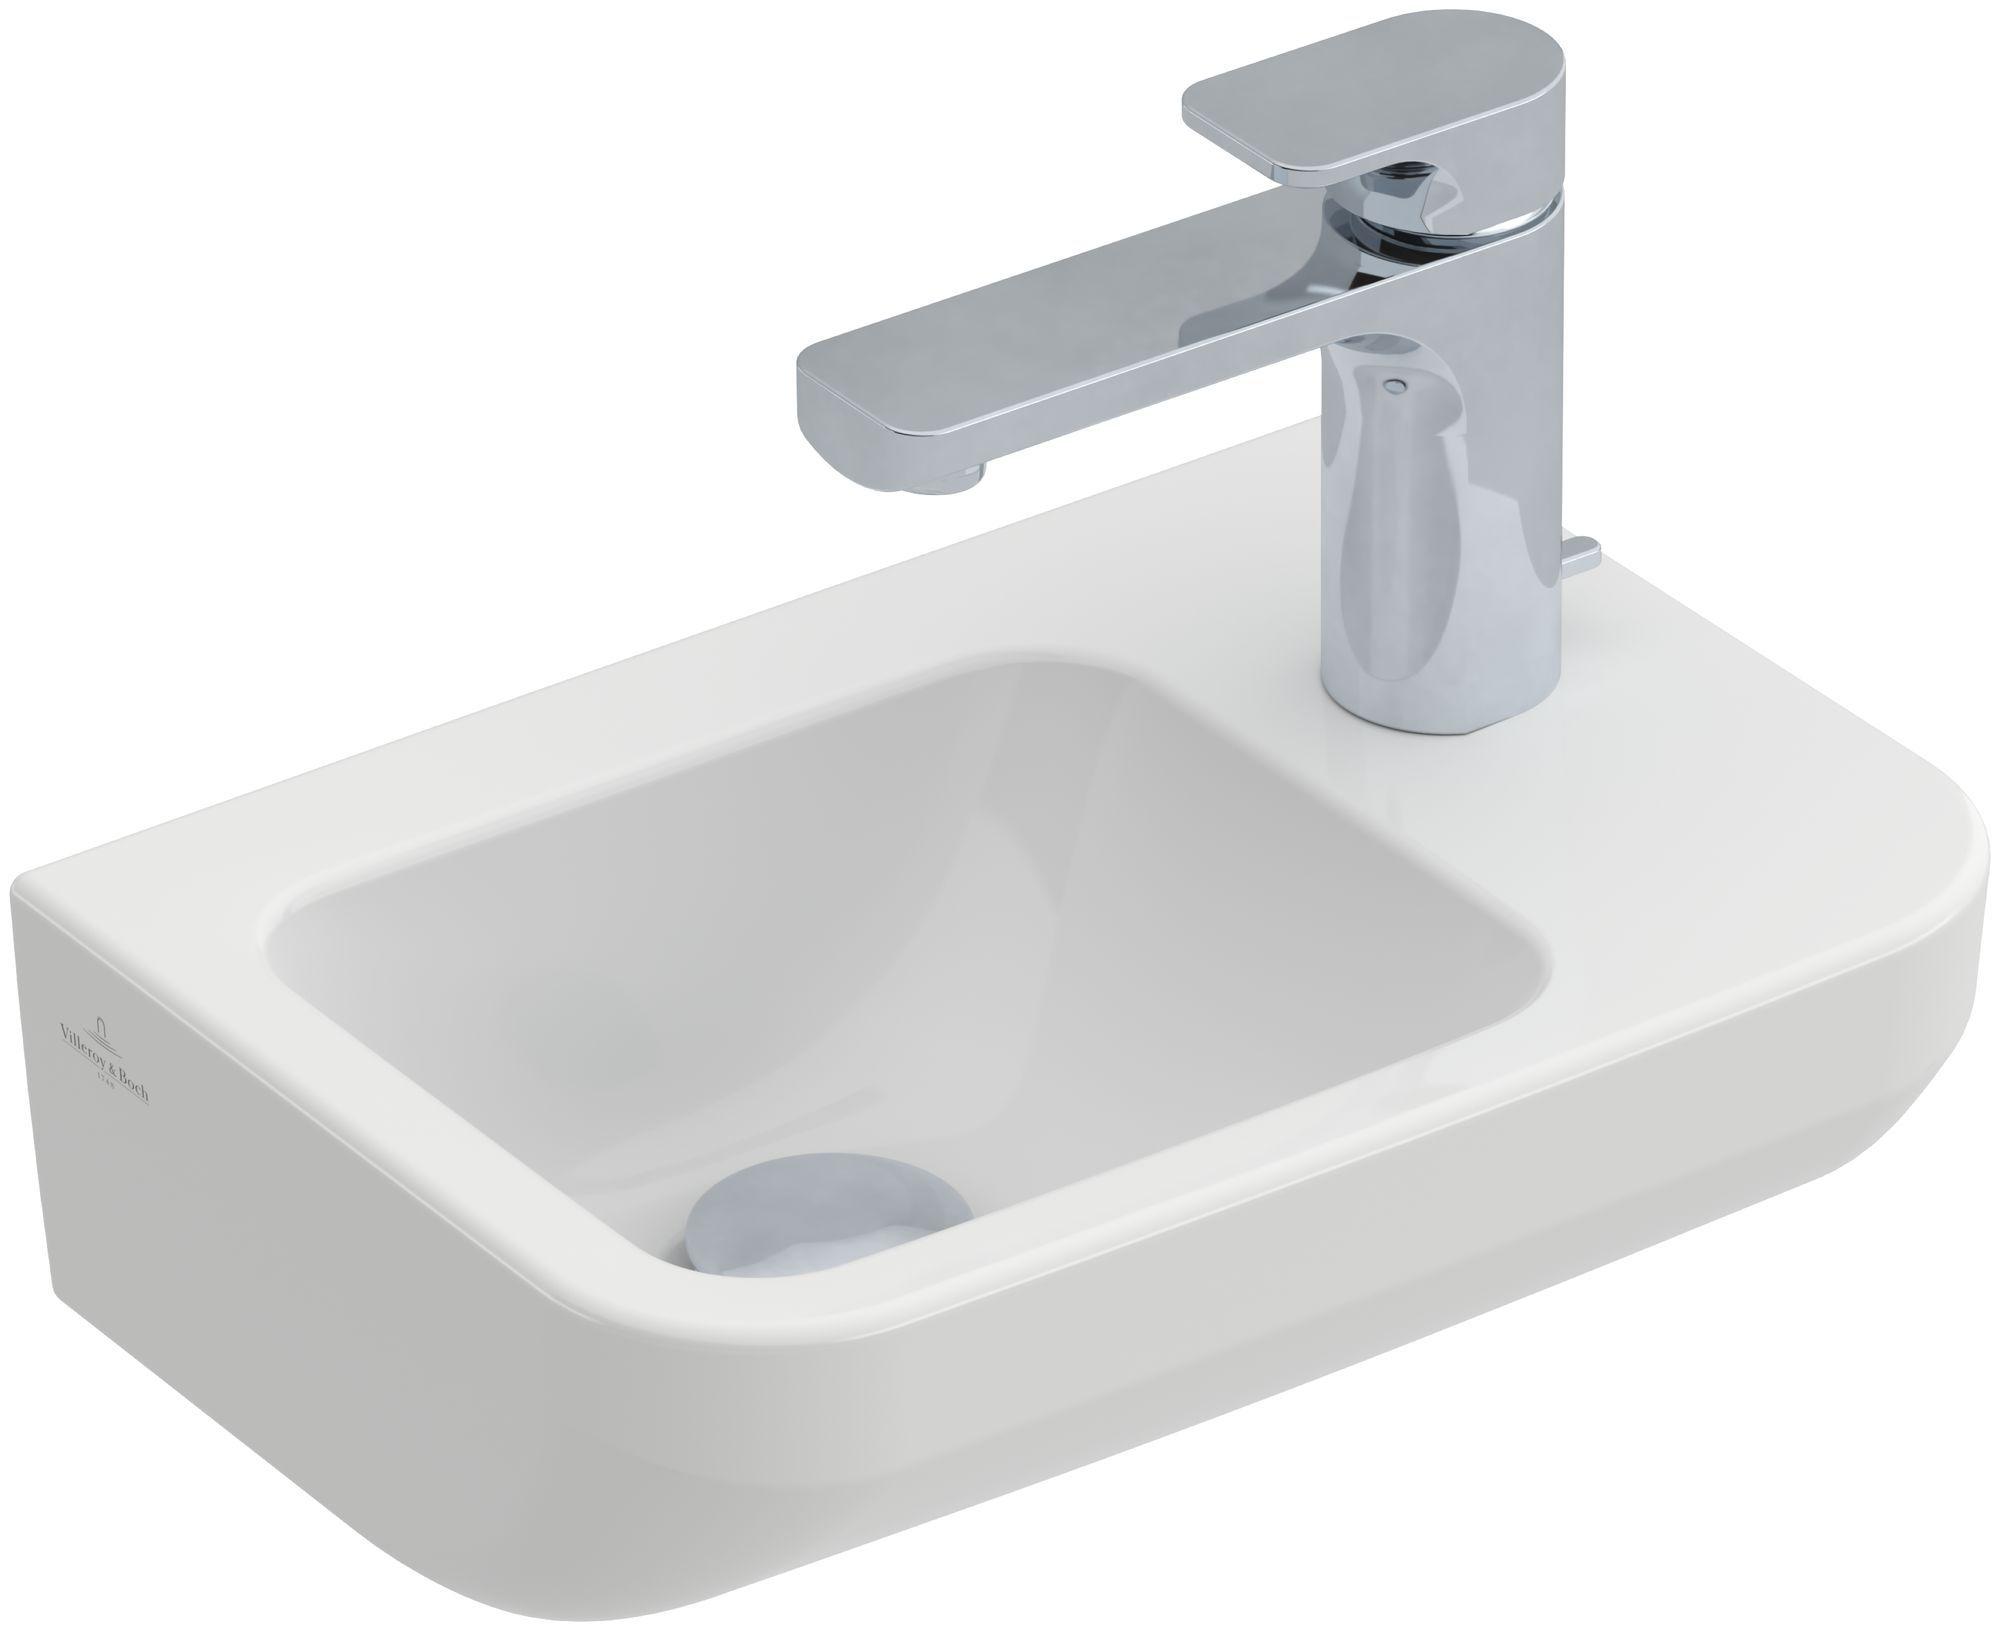 Villeroy & Boch Architectura Handwaschbecken B:36xT:26cm mit 1 Hahnloch rechts ohne Überlauf weiß mit CeramicPlus 437337R1